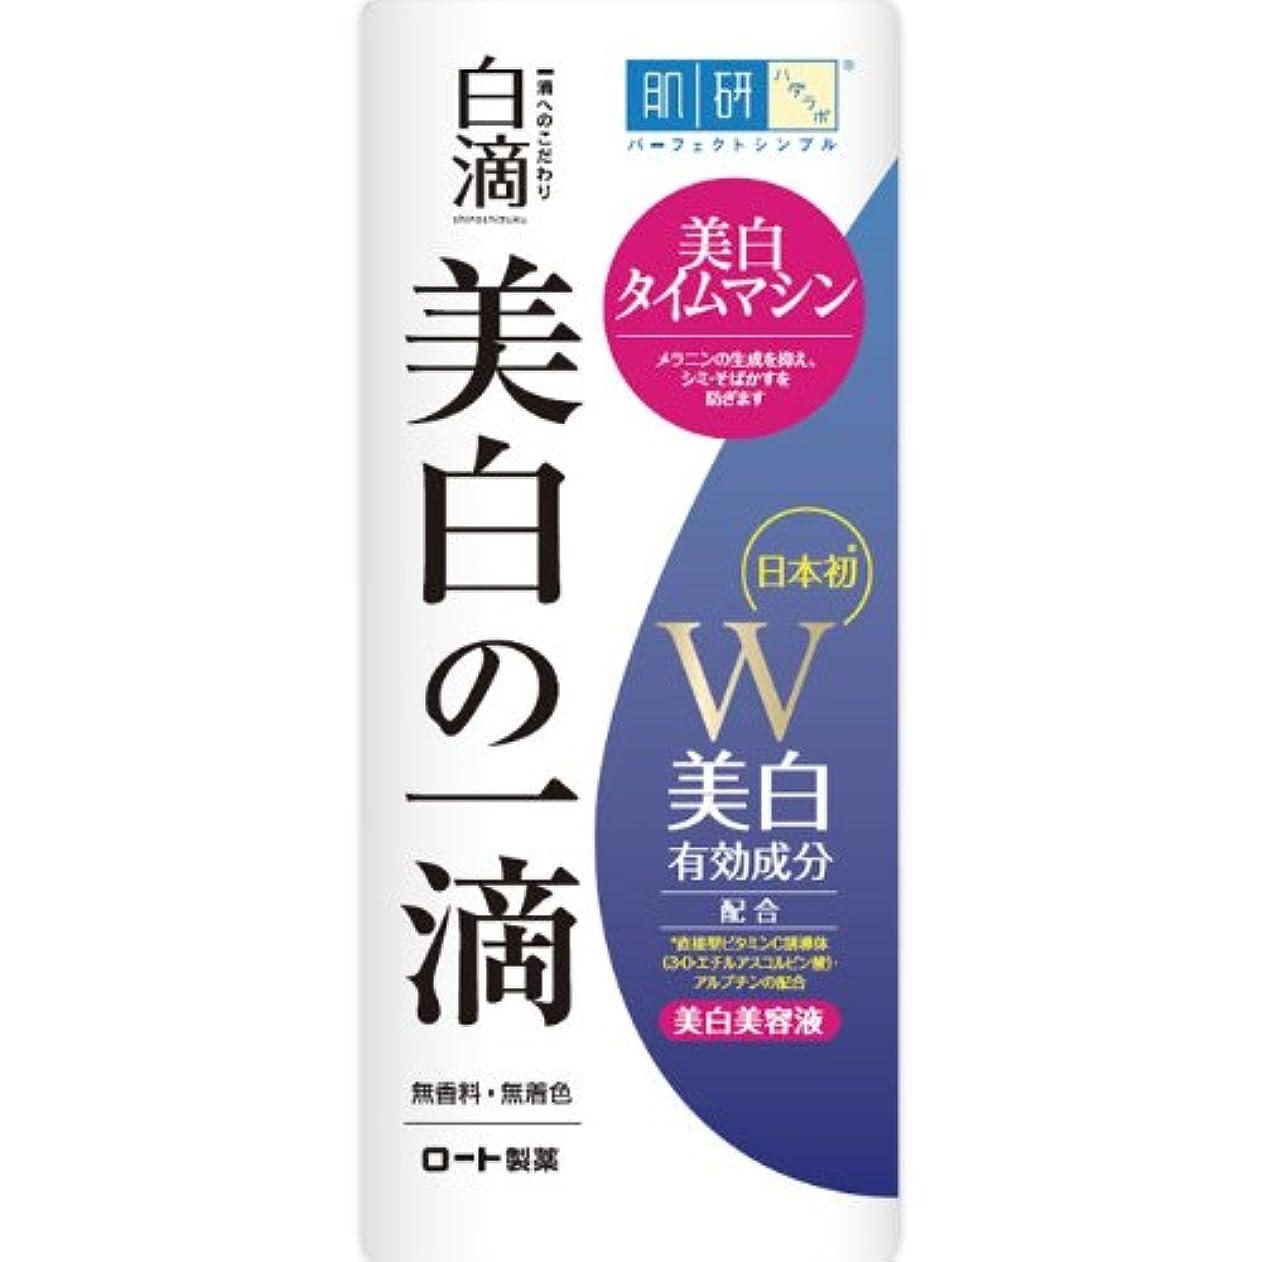 束パドル法律により【医薬部外品】肌研(ハダラボ) 白滴 (シロシズク) 美白の一滴 45mL